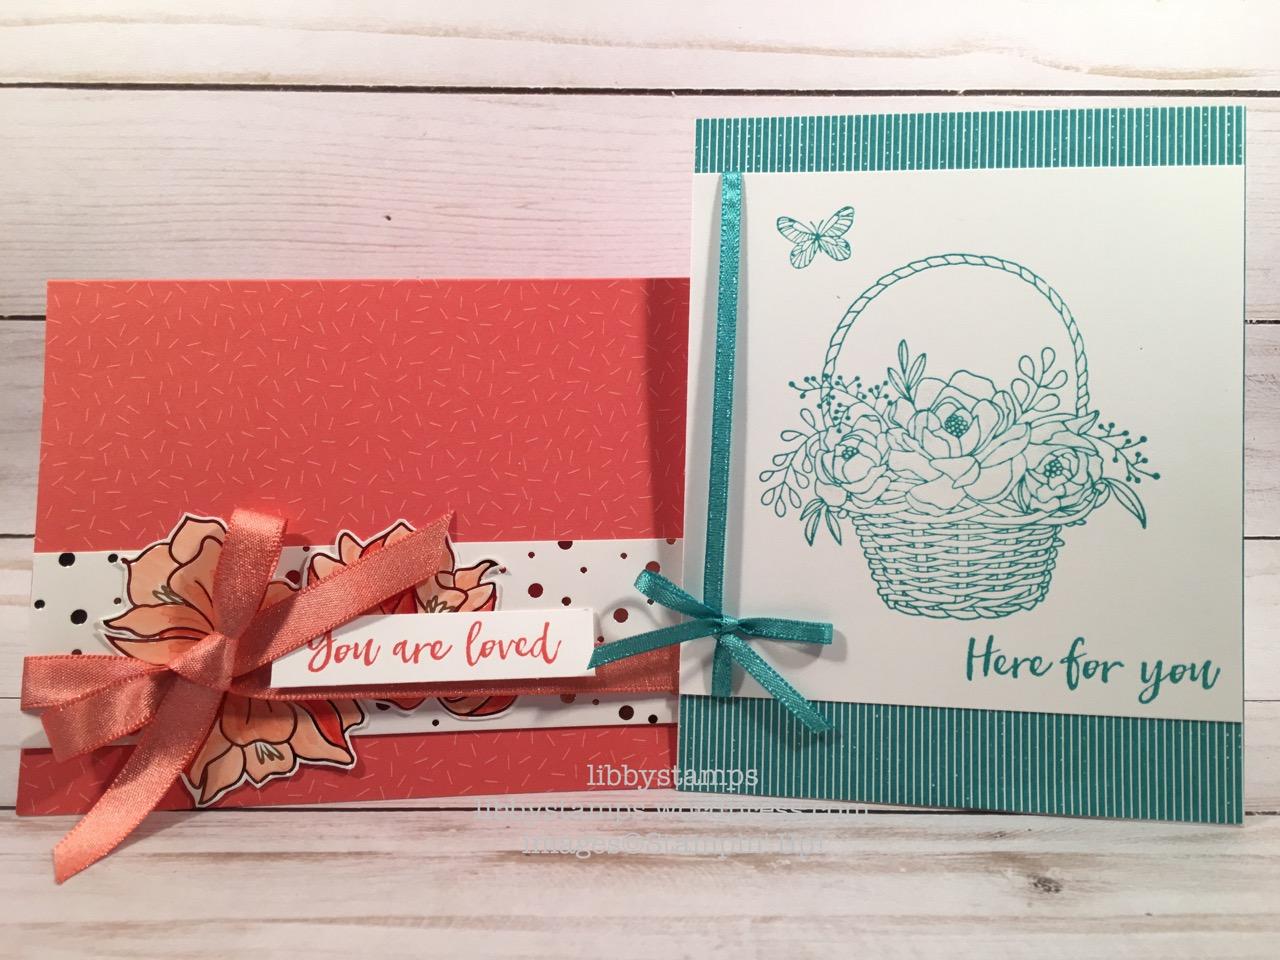 libbystamps, stampin up, Bubbles & Fizz, Blossom Basket, 3/8 Shimmer Ribbon, SAB, Sale-a-bration, BFBH, Springtime FoilsDSP, Tutii-Frutti Cards & Envelopes